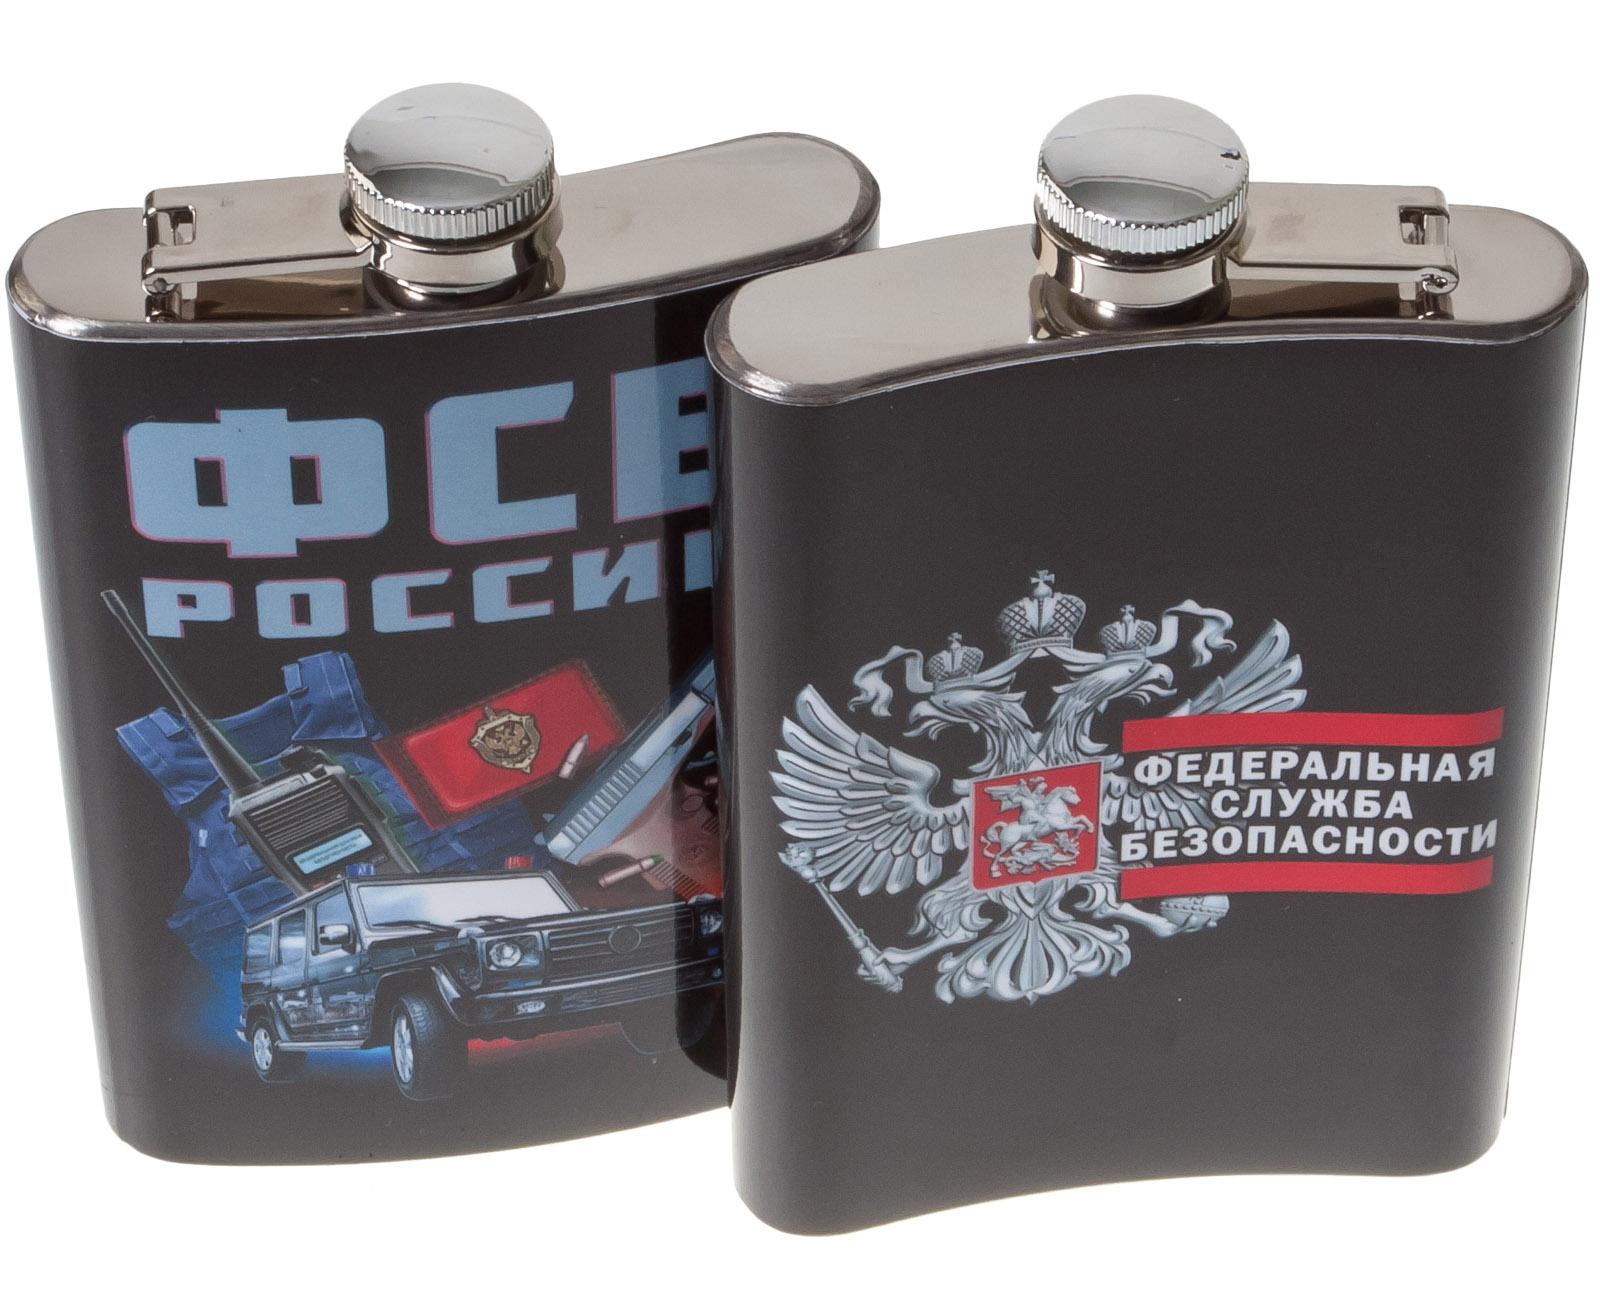 Нержавеющая фляжка с принтом ФСБ России